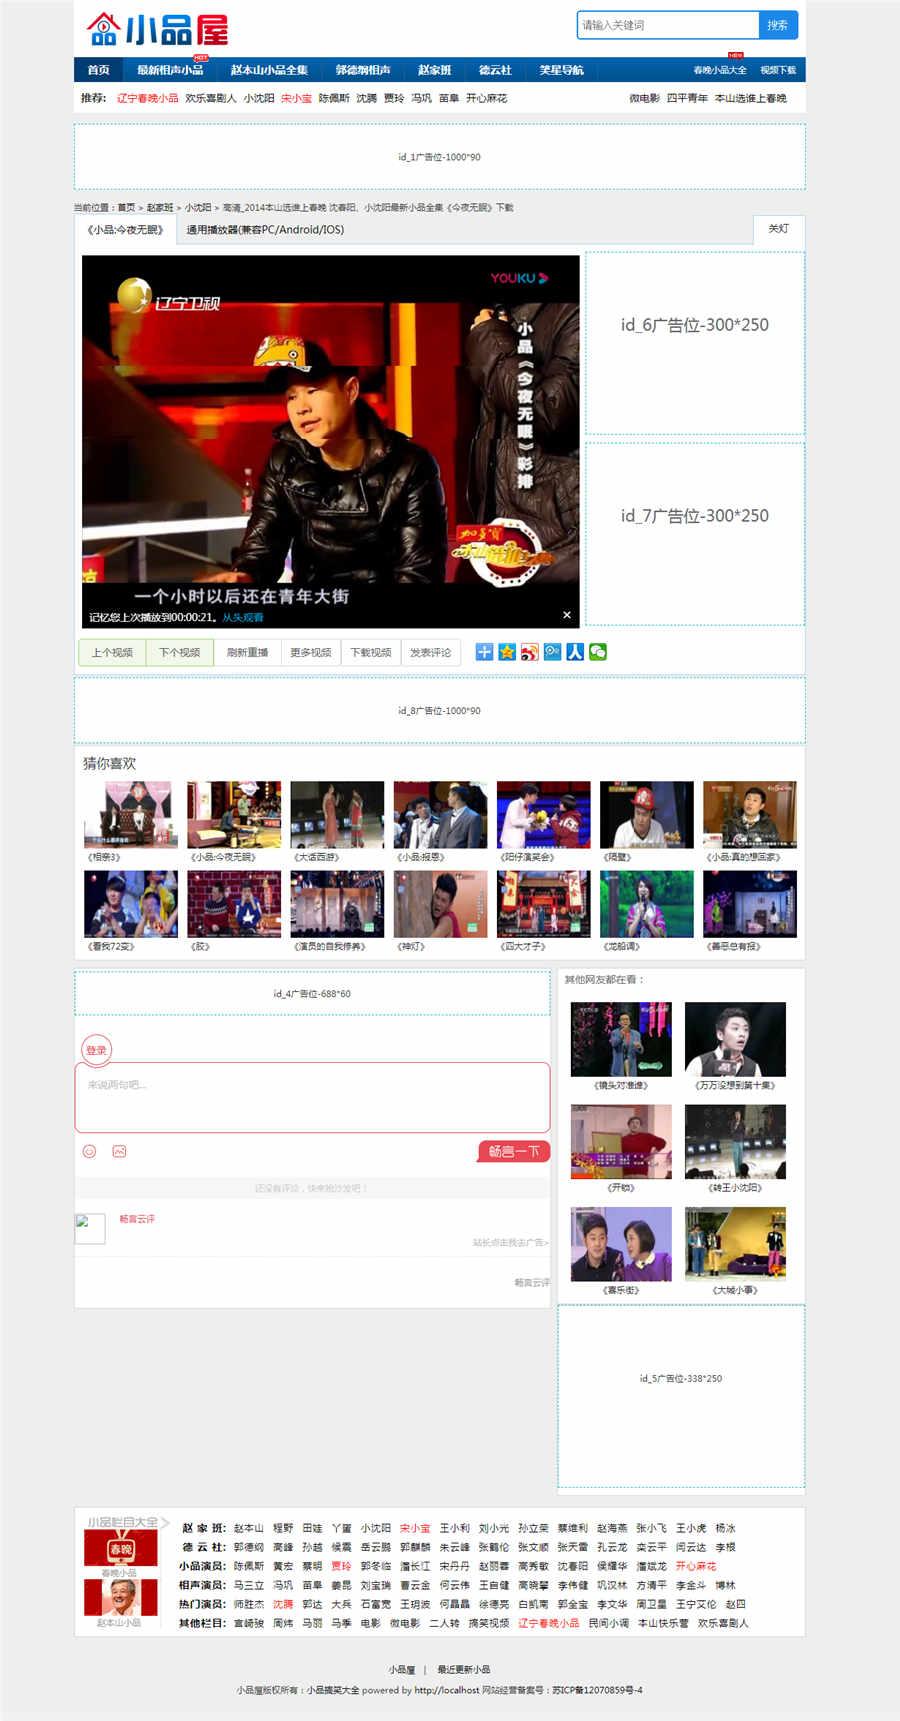 帝国CMS7.5小品屋线上小品相声视頻网站模版修补版插图3